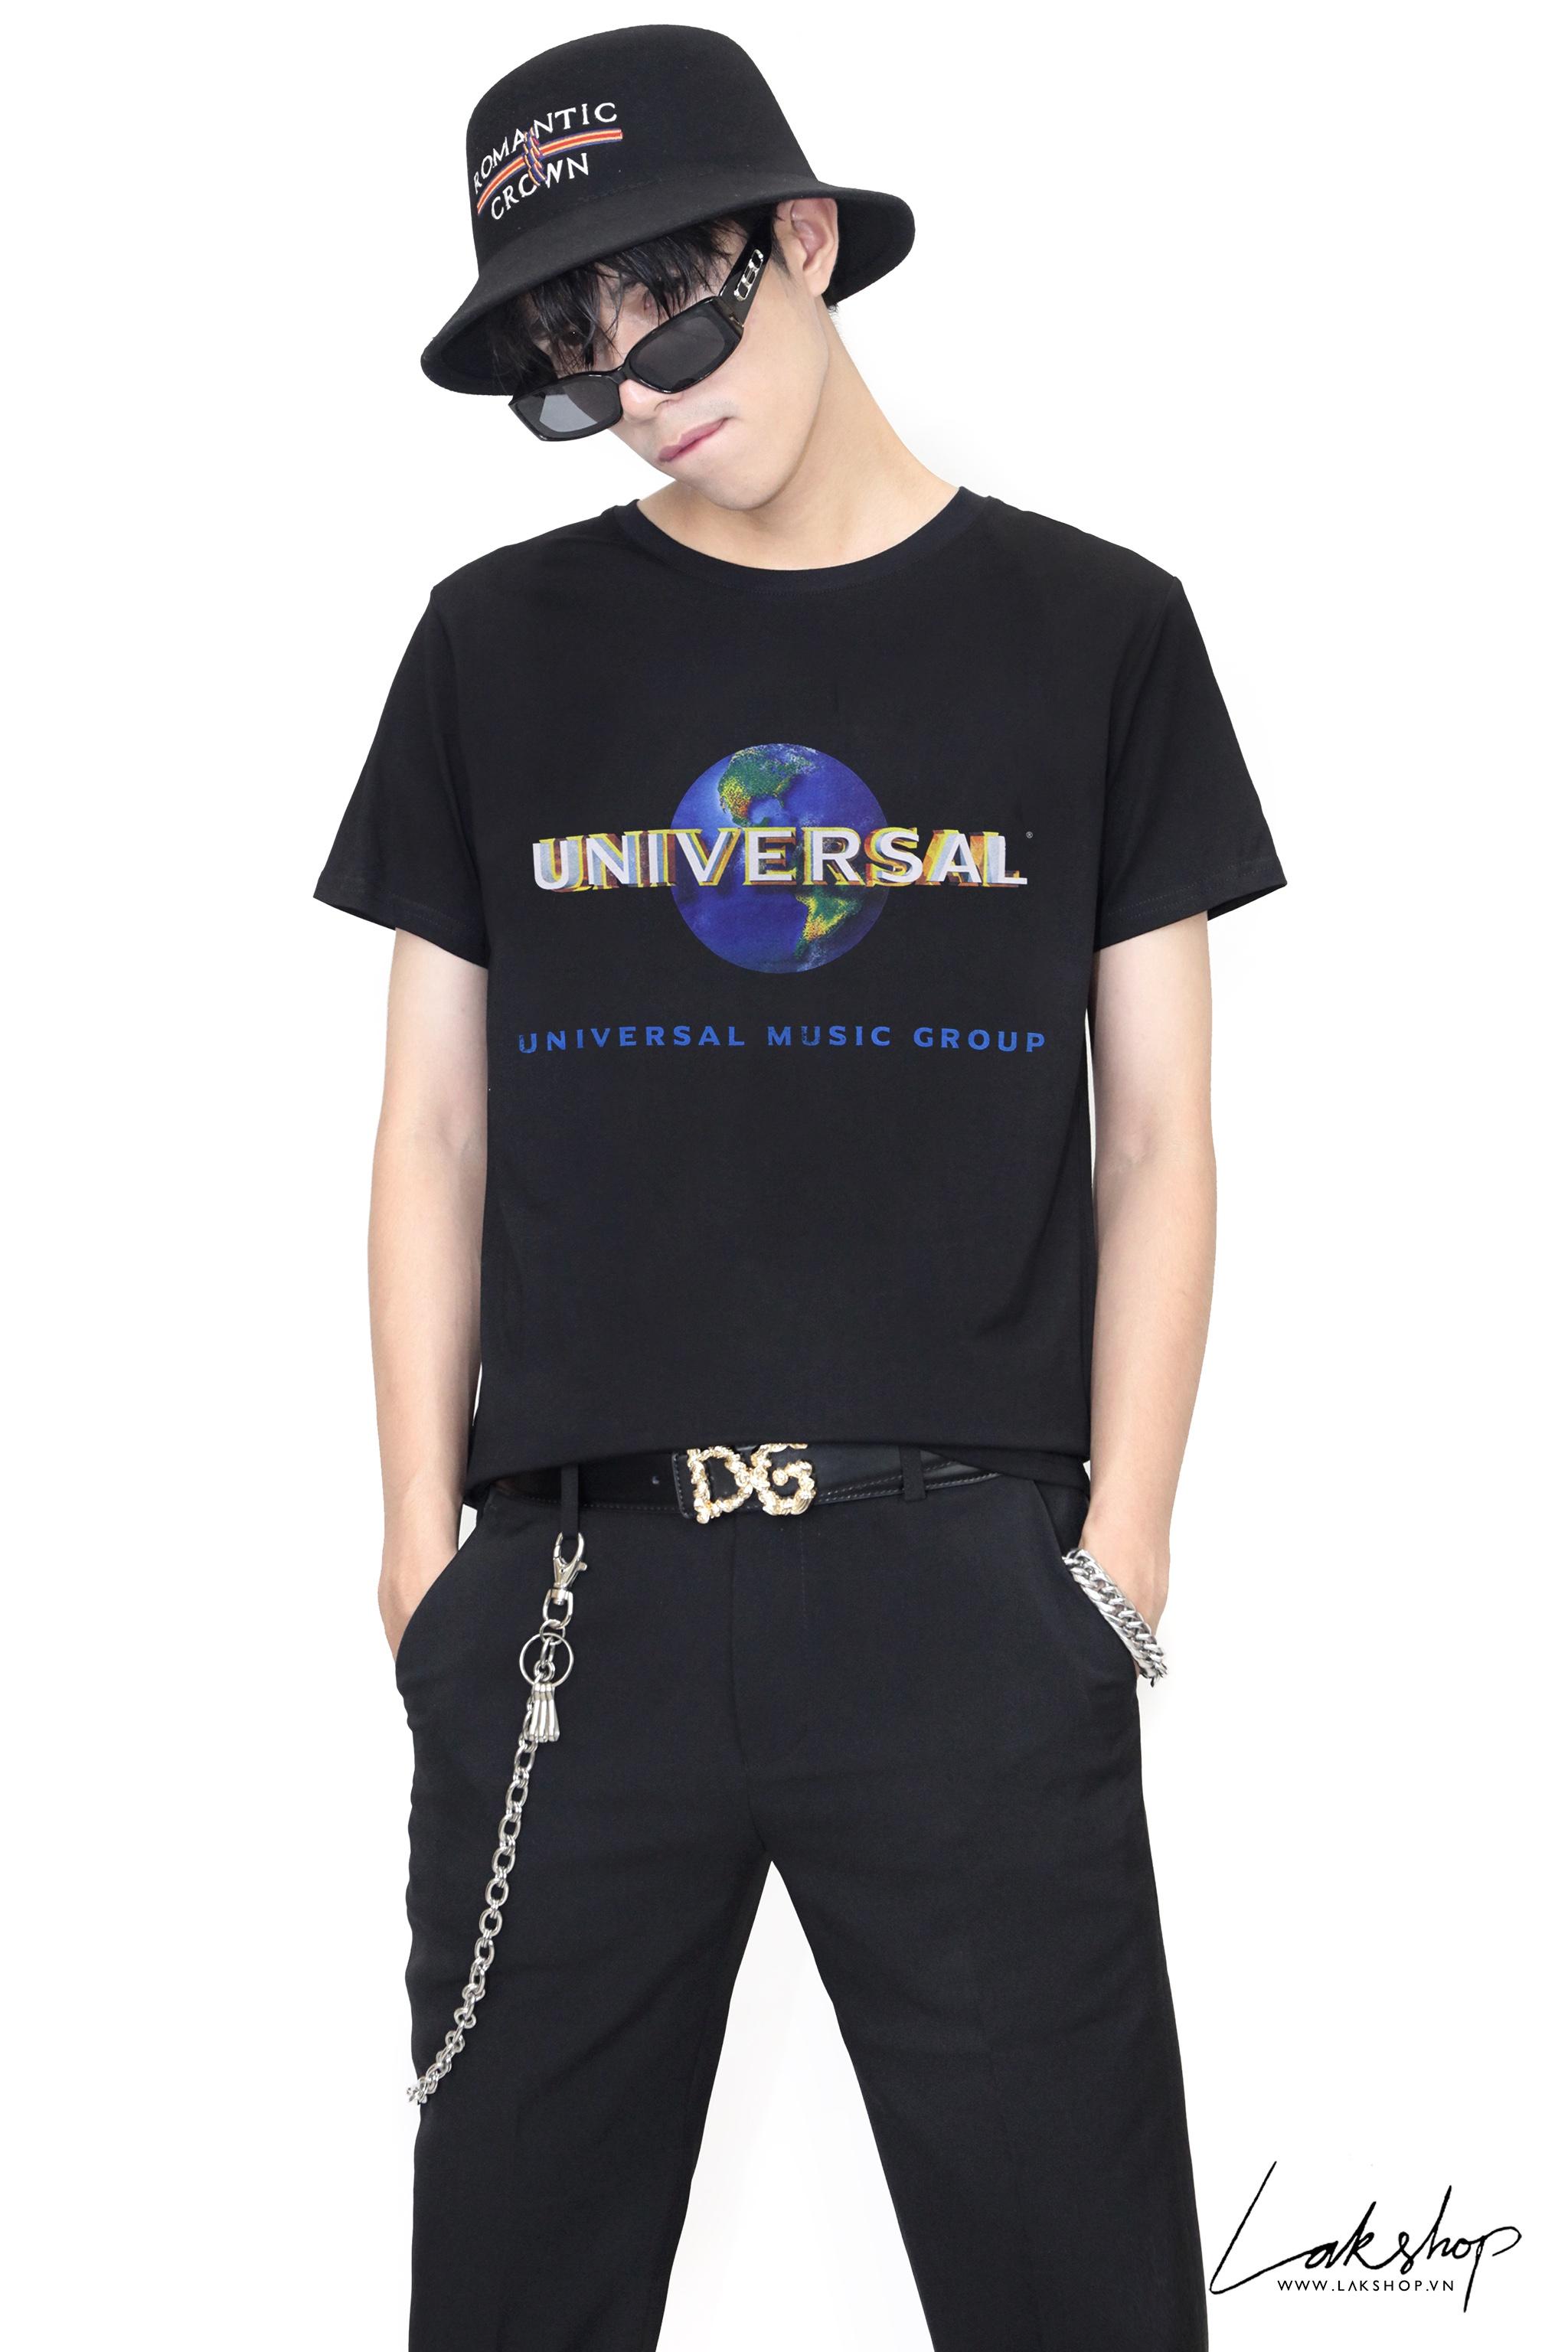 Pull & Bear Universal T-shirt (Chính hãng) ss20